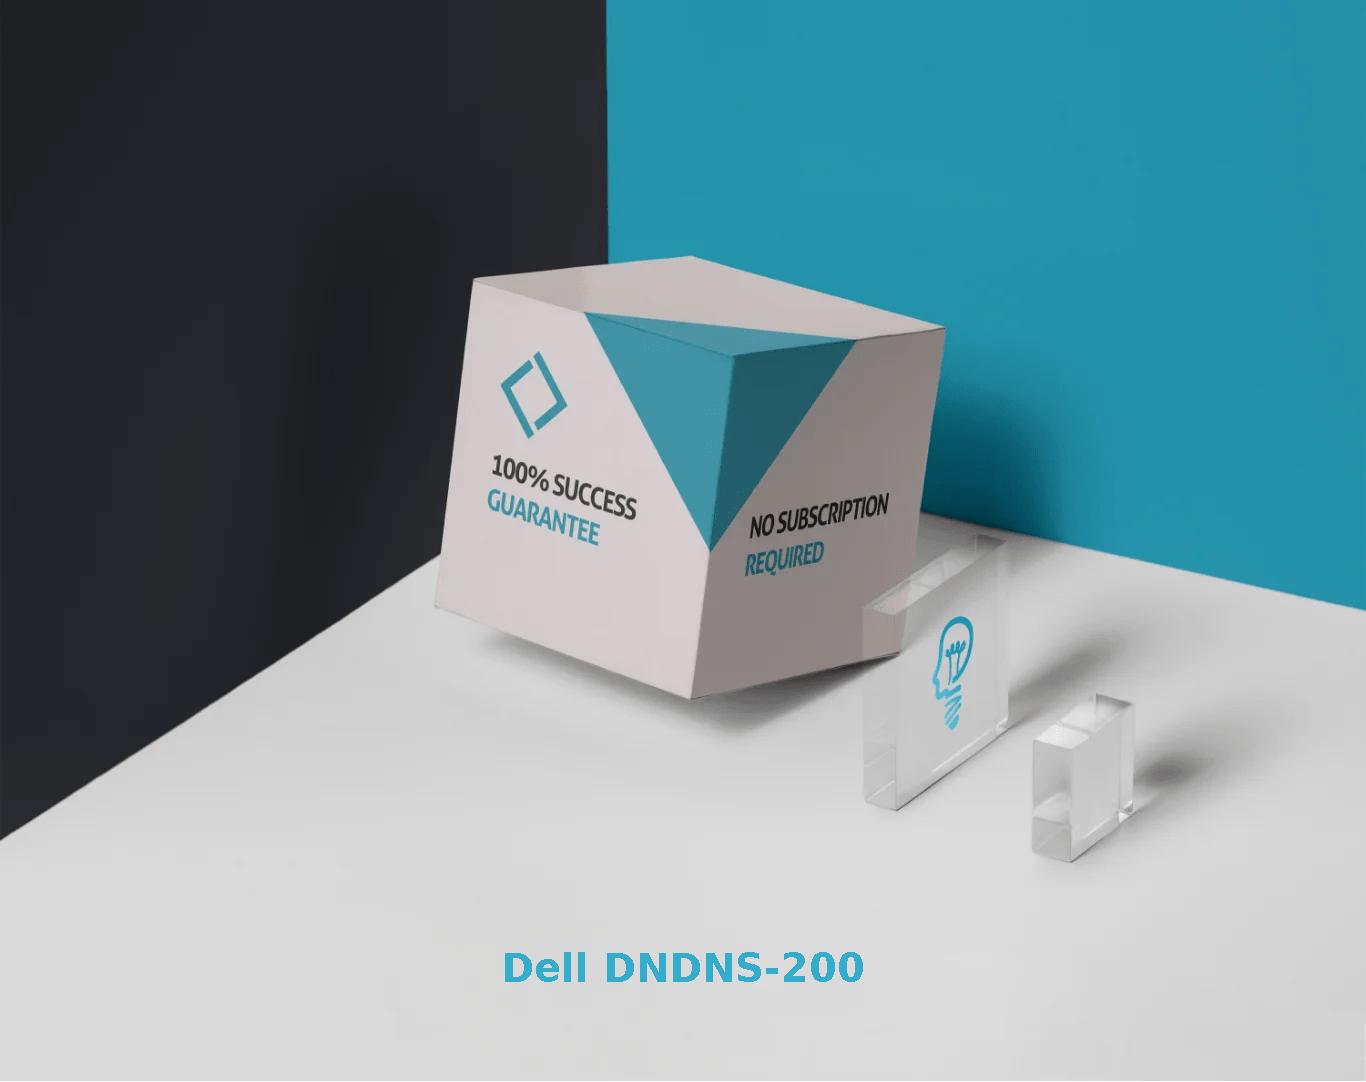 DNDNS-200 Dumps